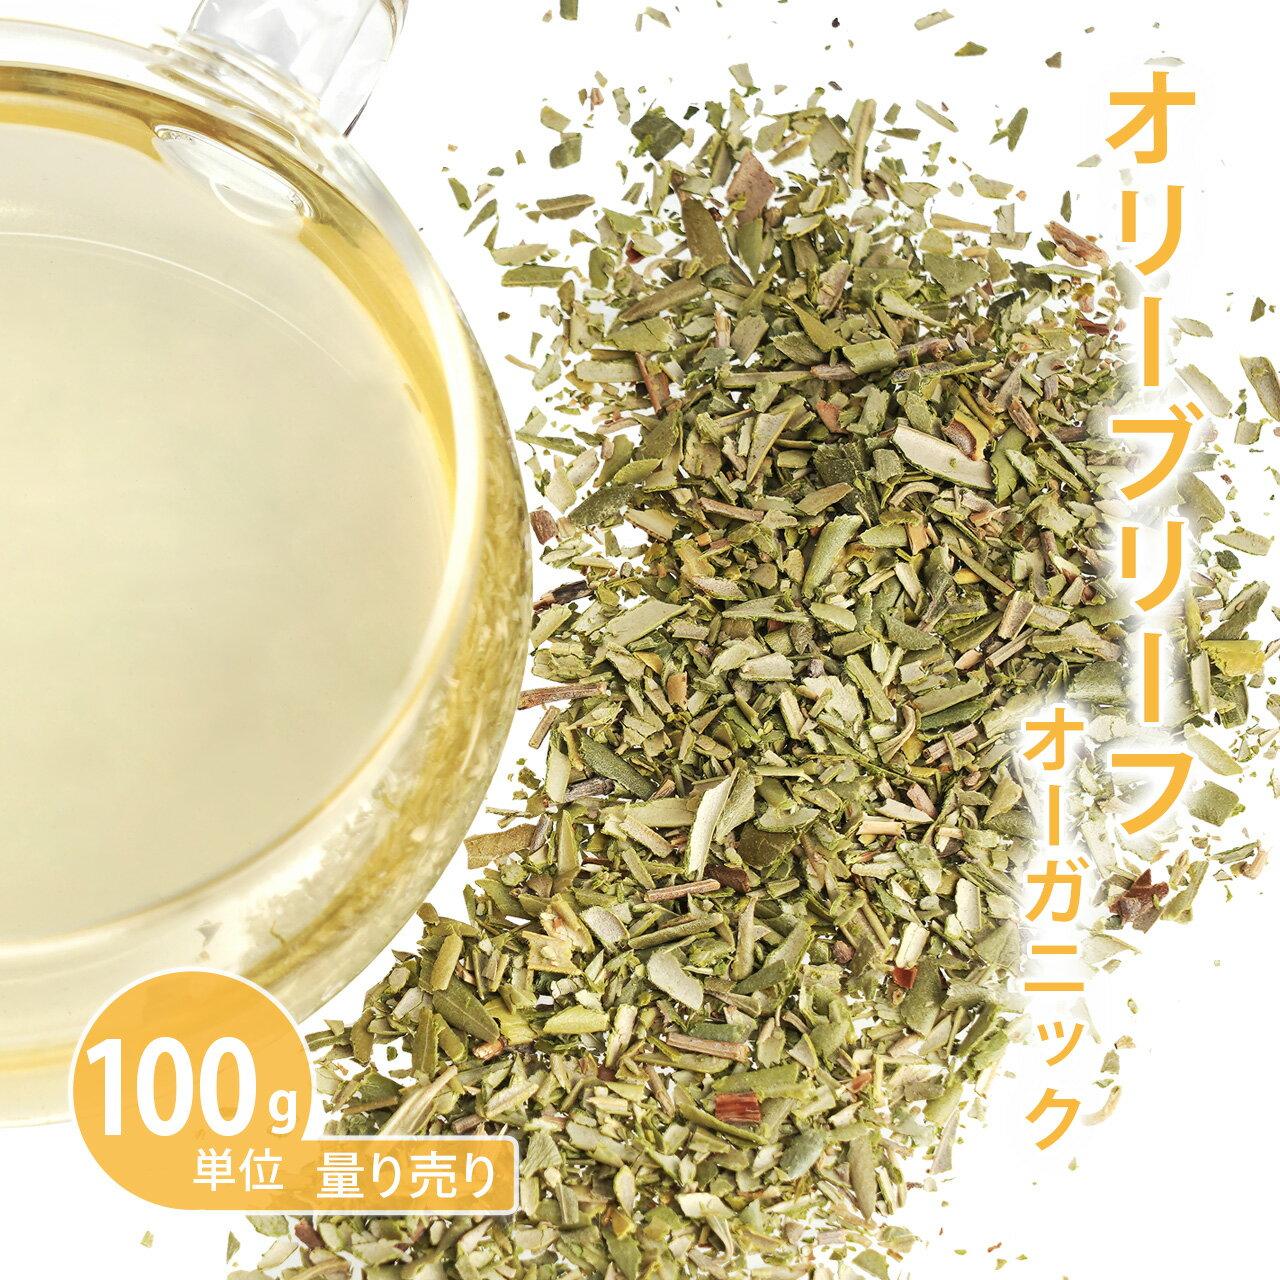 【ポストお届け可/40】オリーブリーフオーガニックオリーブ茶[100g単位ハーブ量り売り]【ドライハーブ/ハーブティー】